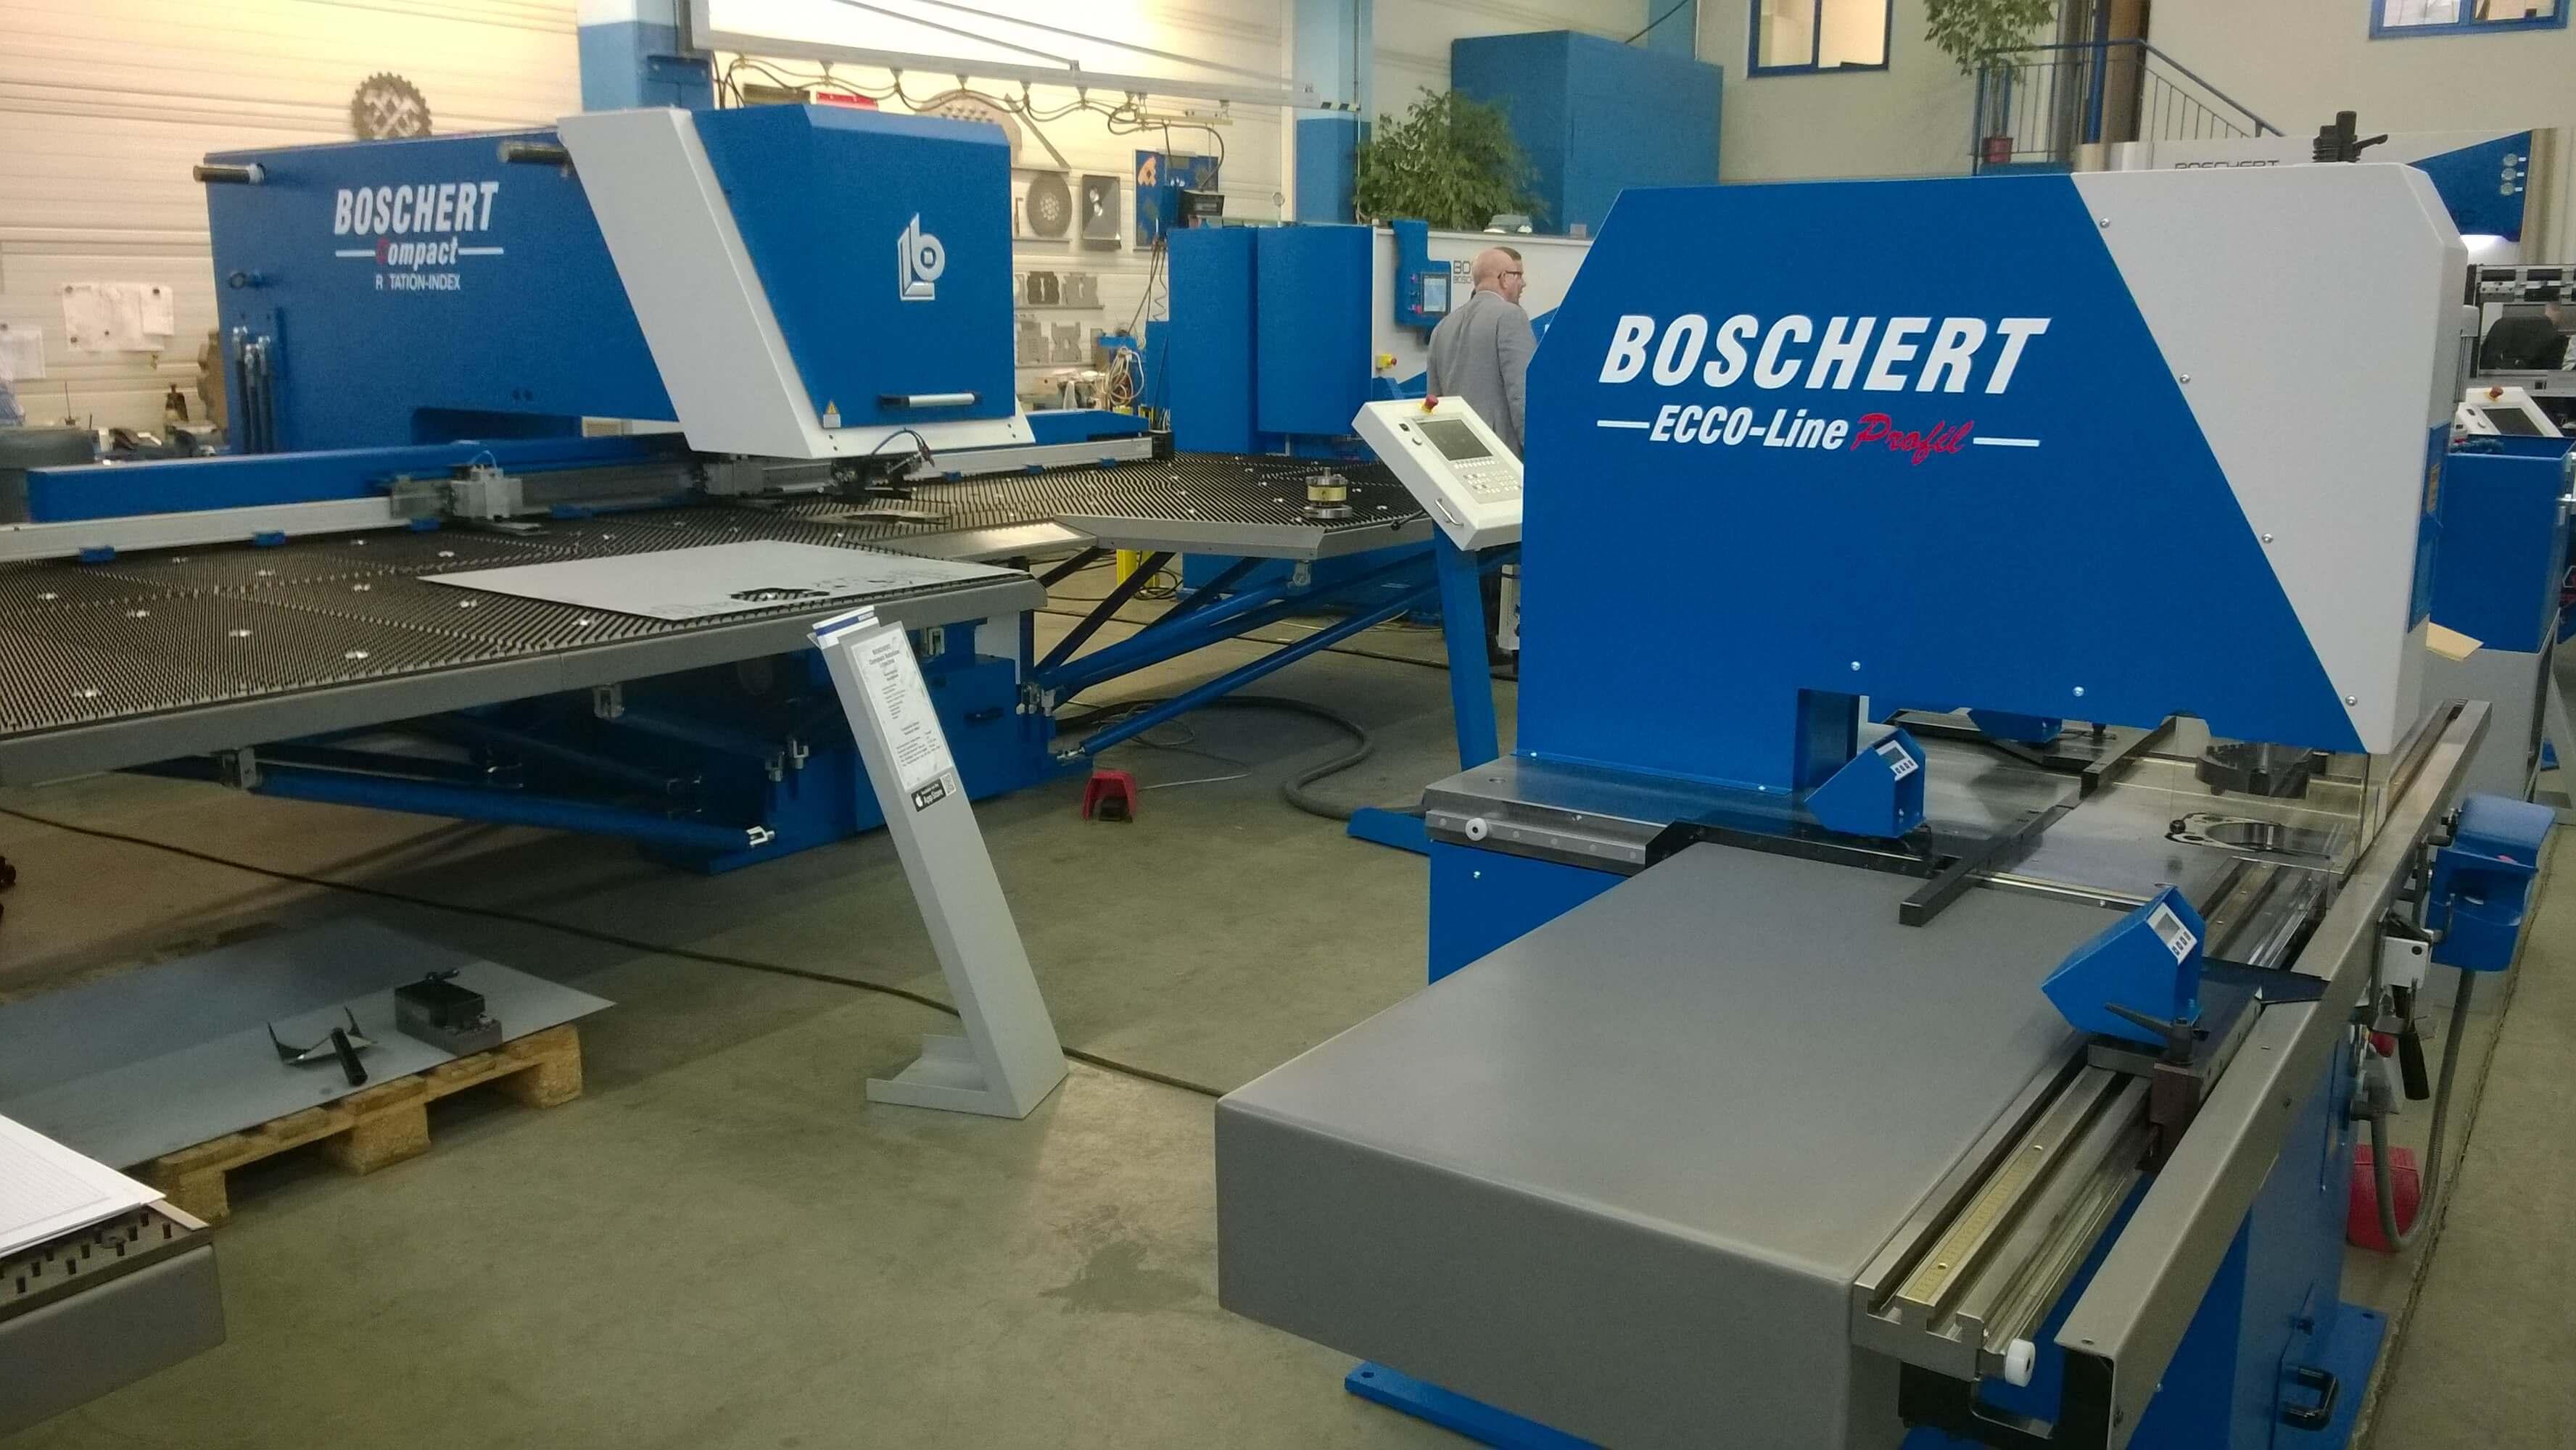 für die ganze Familie Ausverkauf Outlet zum Verkauf Ecco-Line-stancolo-cnc-hidraulikus-28t-Boschert--gazdasagos ...